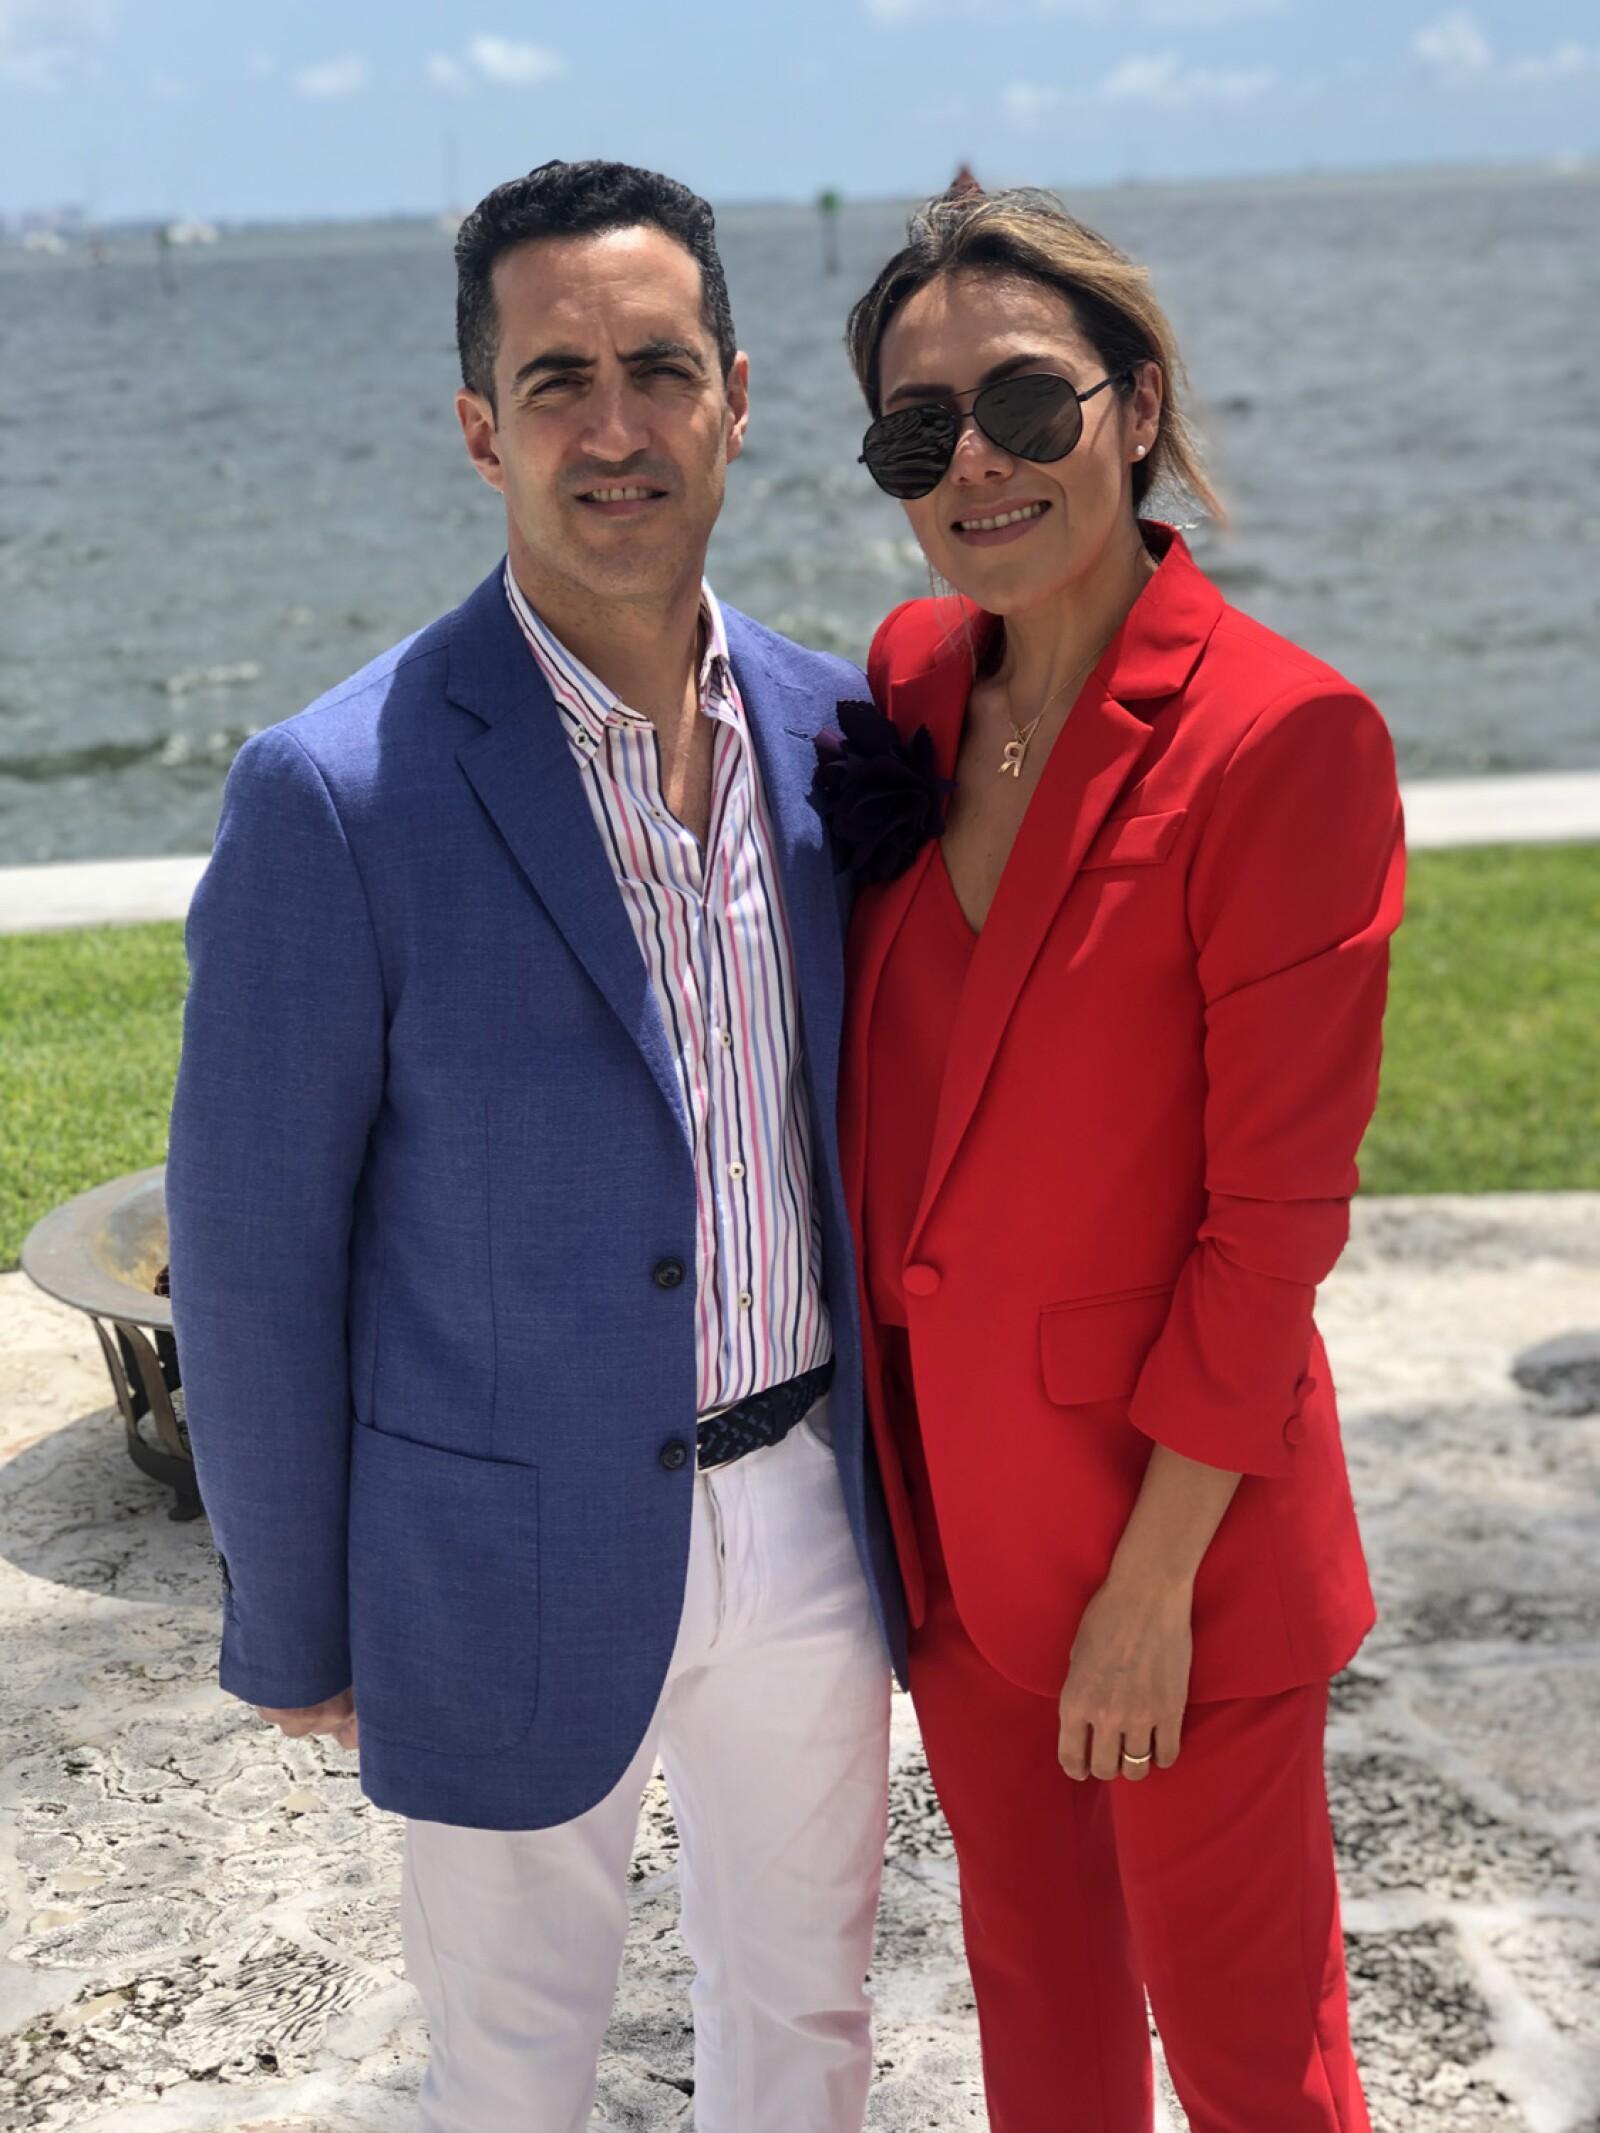 Mariano Lagos & Raquel Orozco.jpg